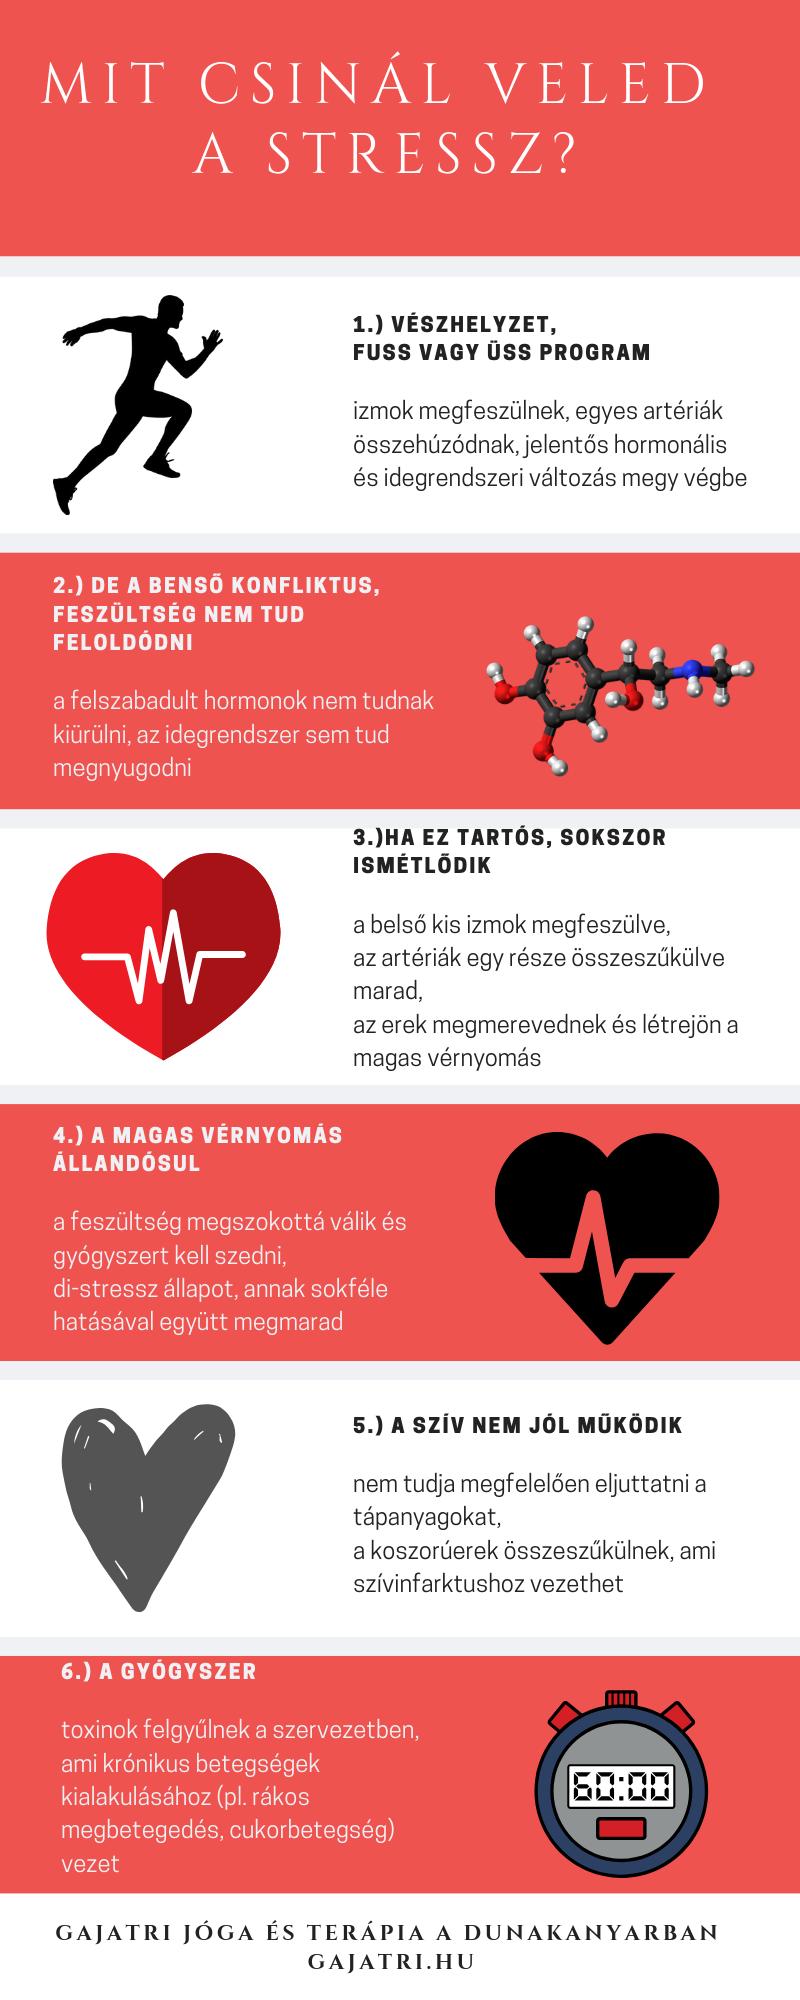 magas vérnyomás és a szeretet